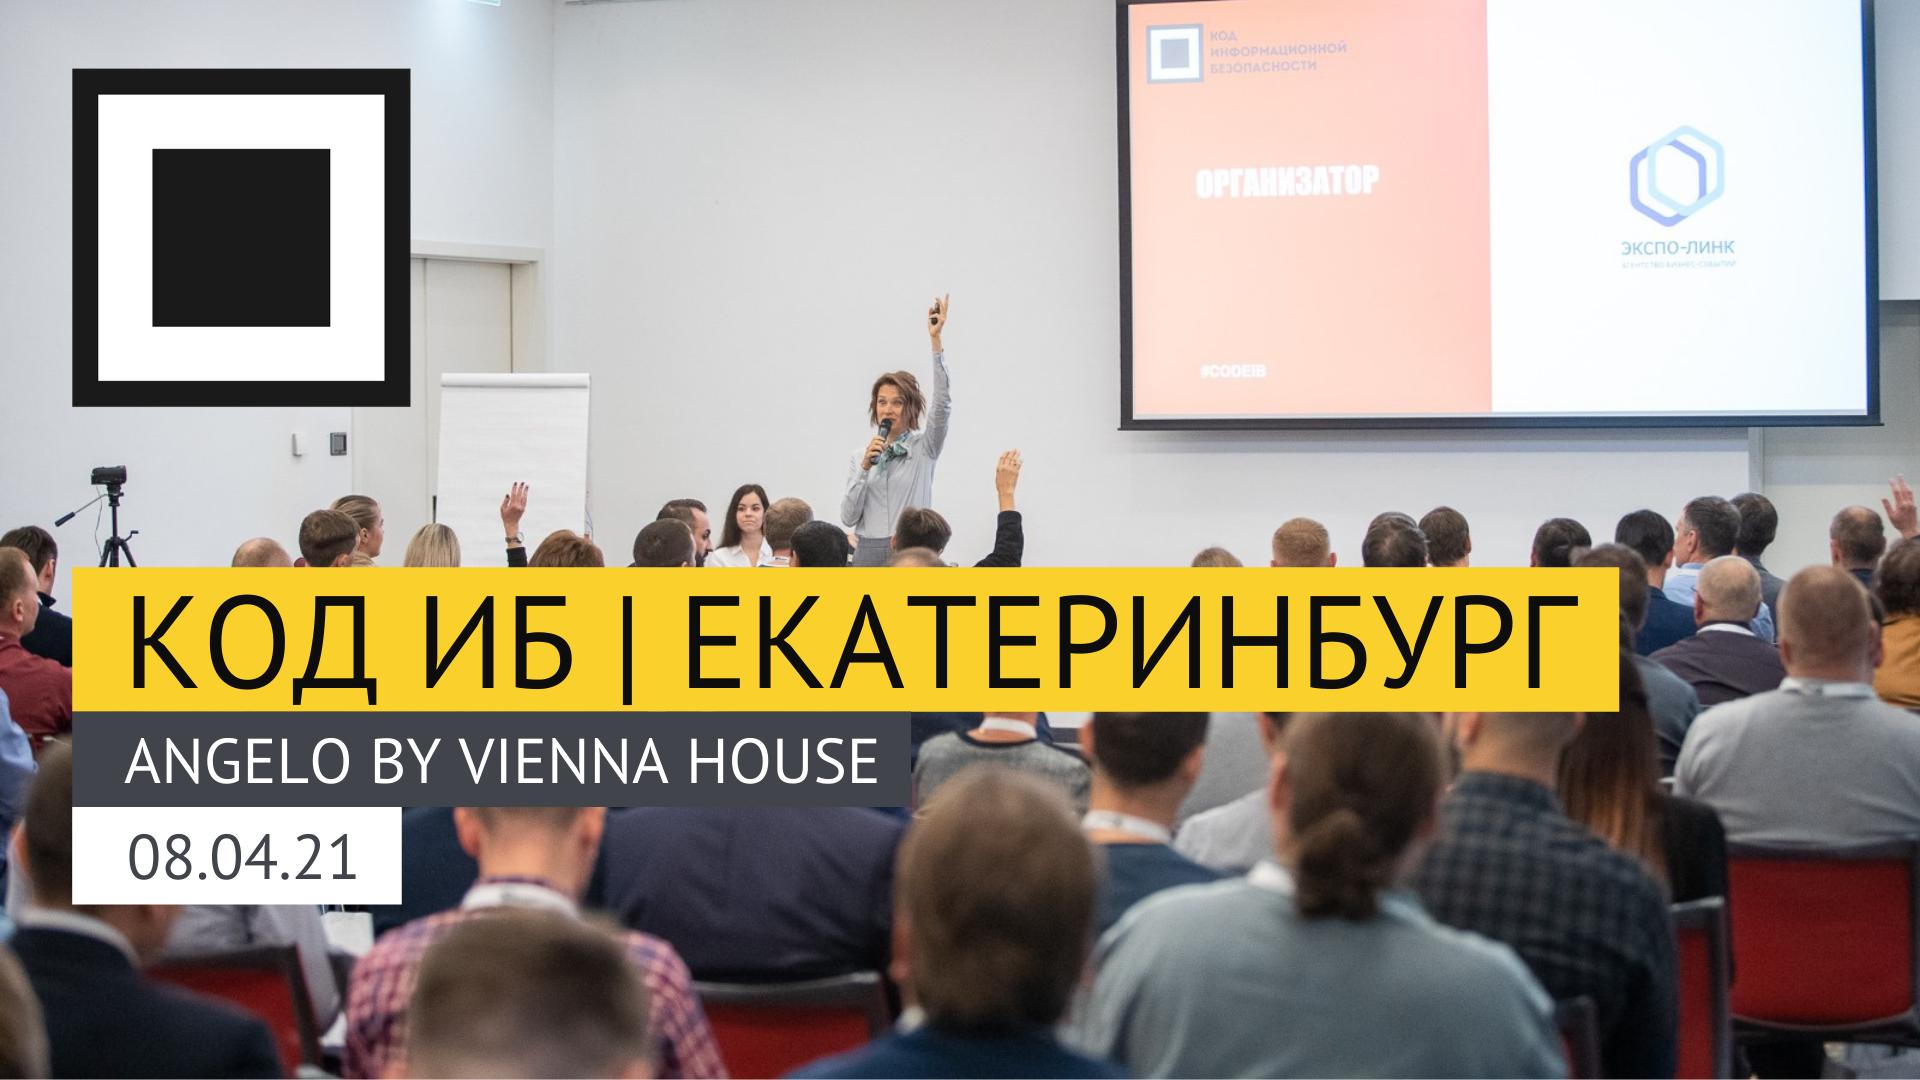 8 апреля Екатеринбург встретит конференцию по информационной безопасности Код ИБ